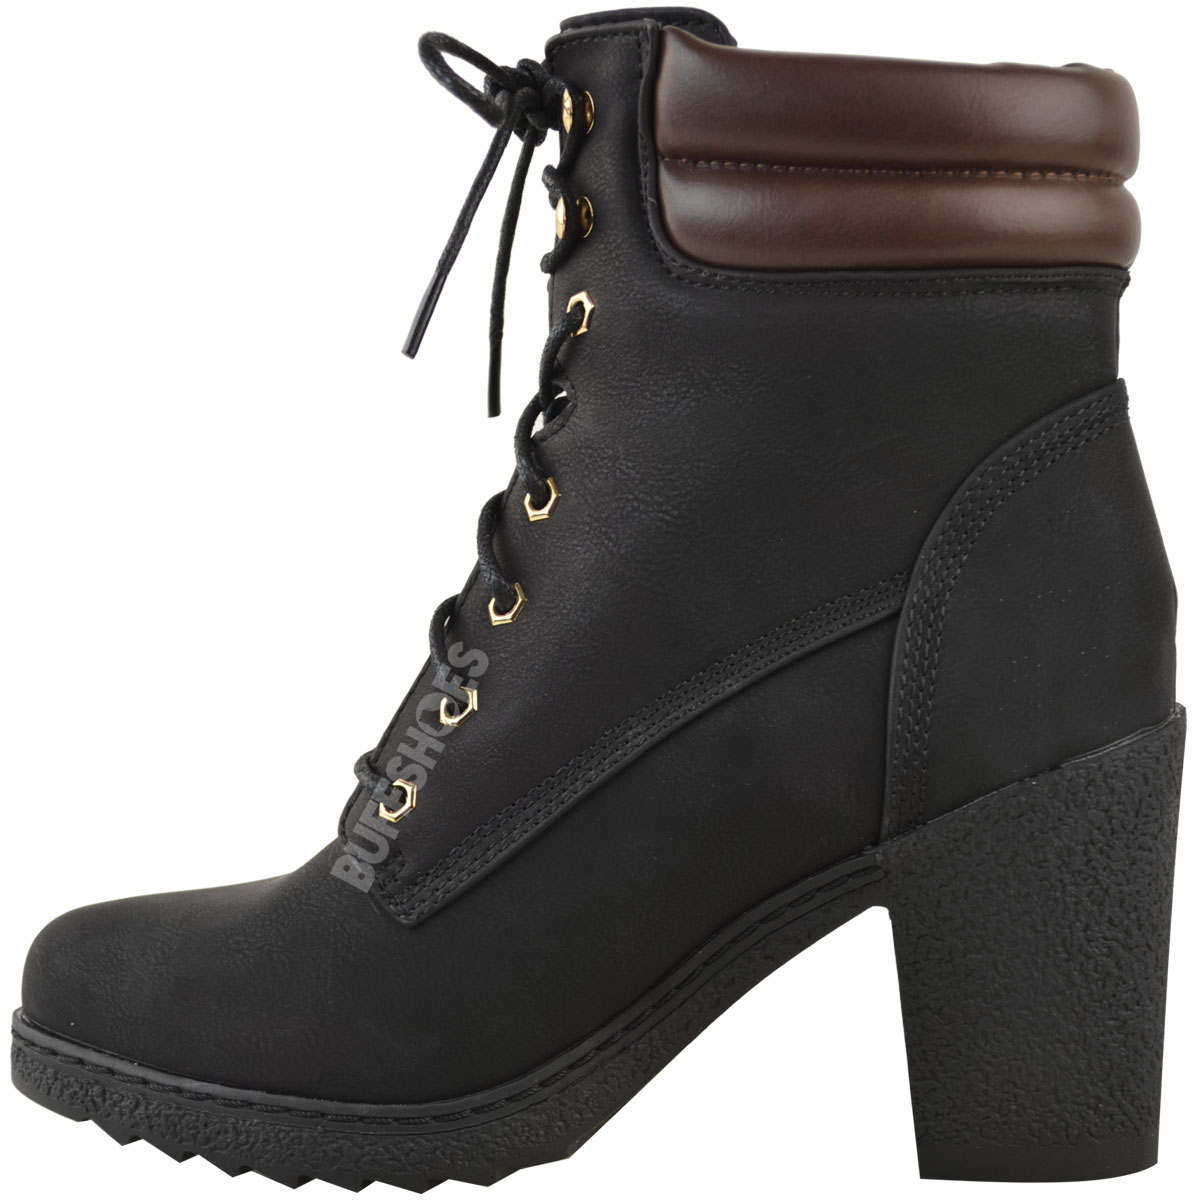 Womens-Ladies-Winter-Walking-Boots-Fleece-Warm-Lining-Cosy-Low-Block-Heel-Size Indexbild 5